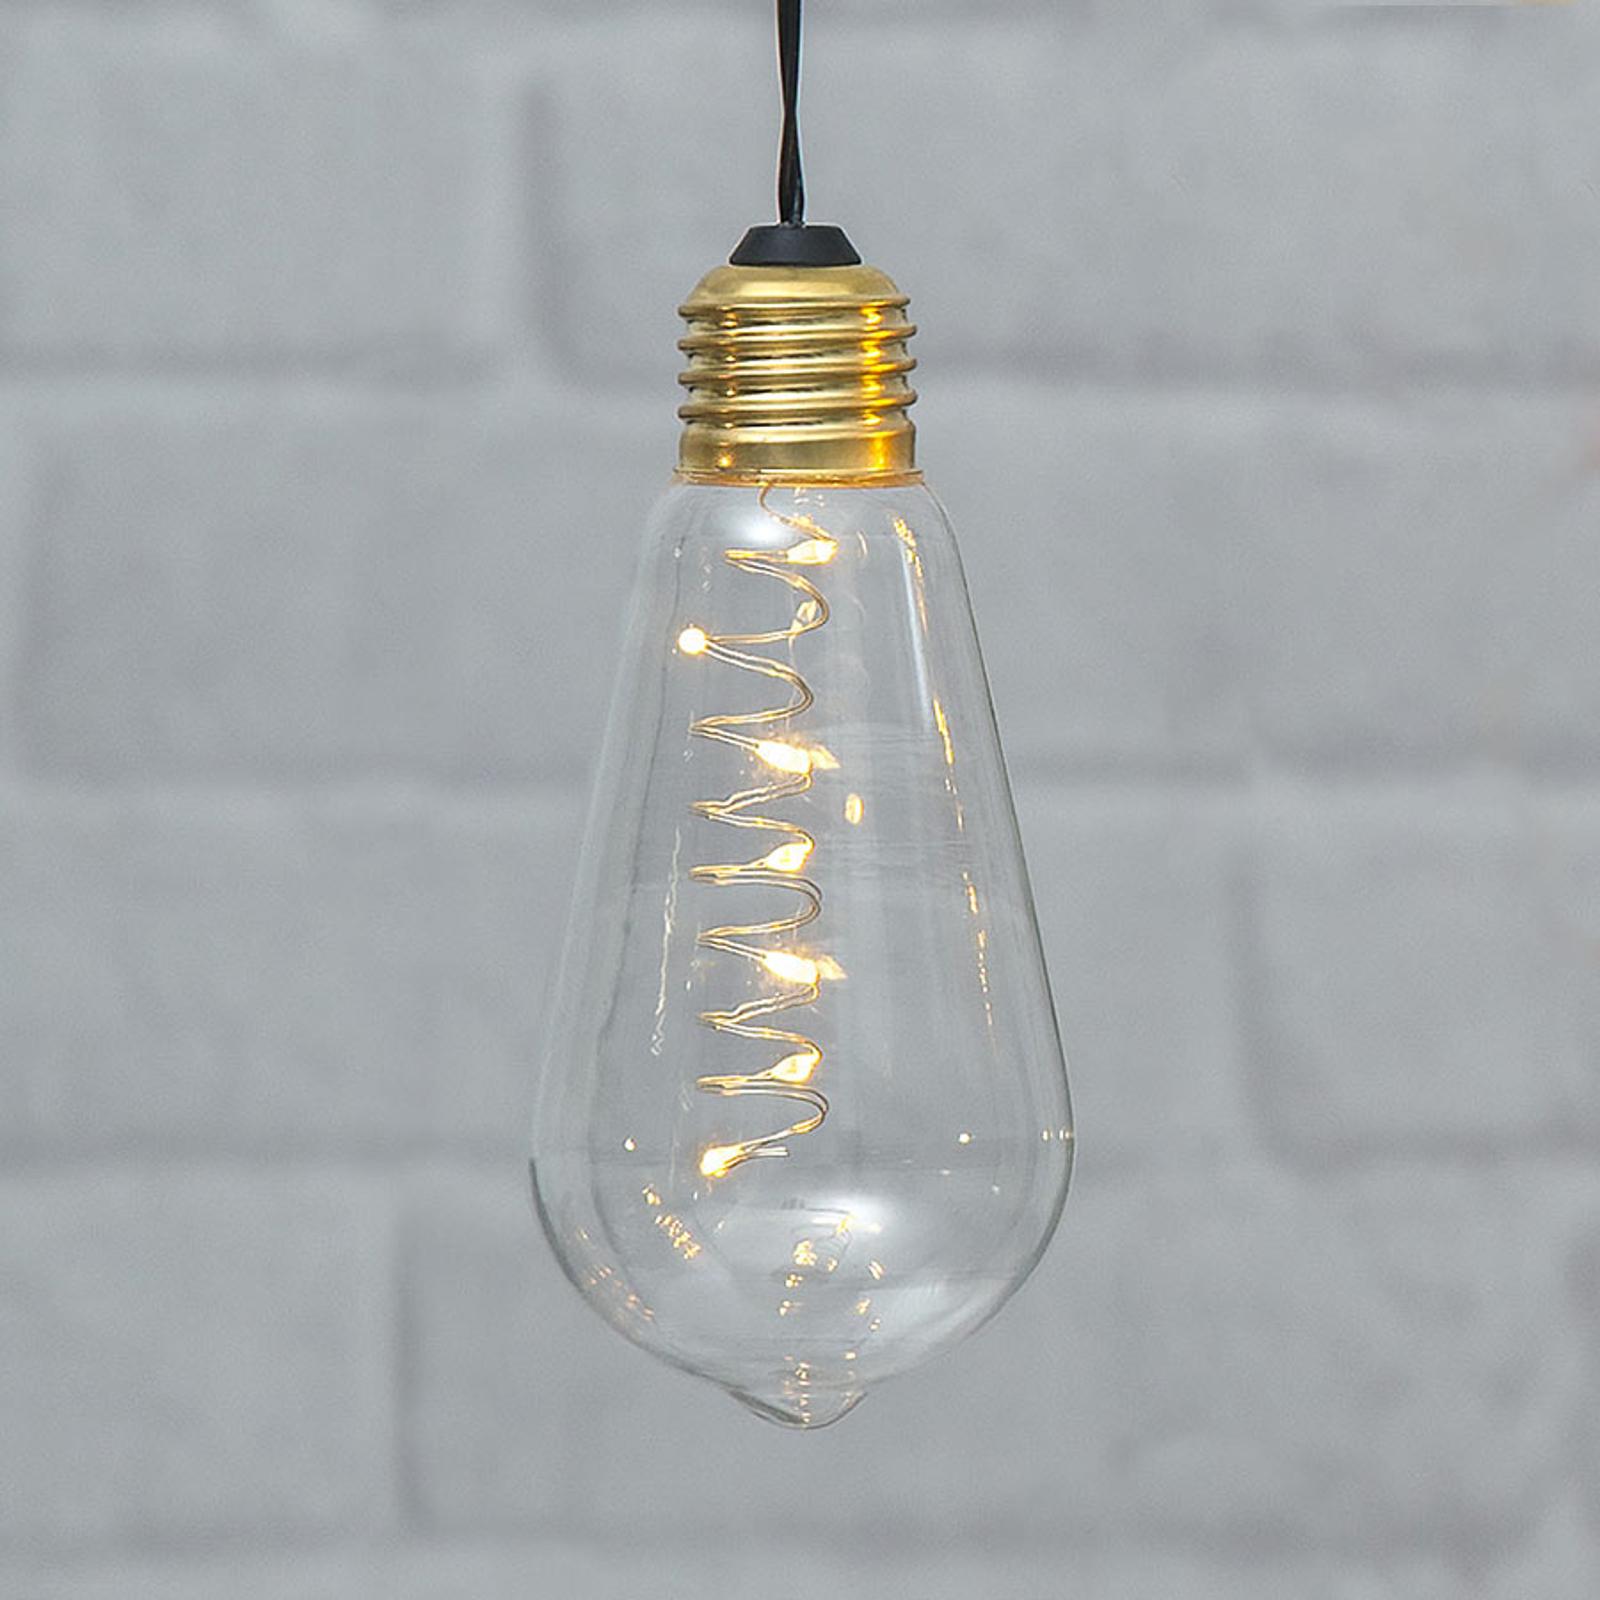 Vintage-LED-Dekoleuchte Glow mit Timer, klar